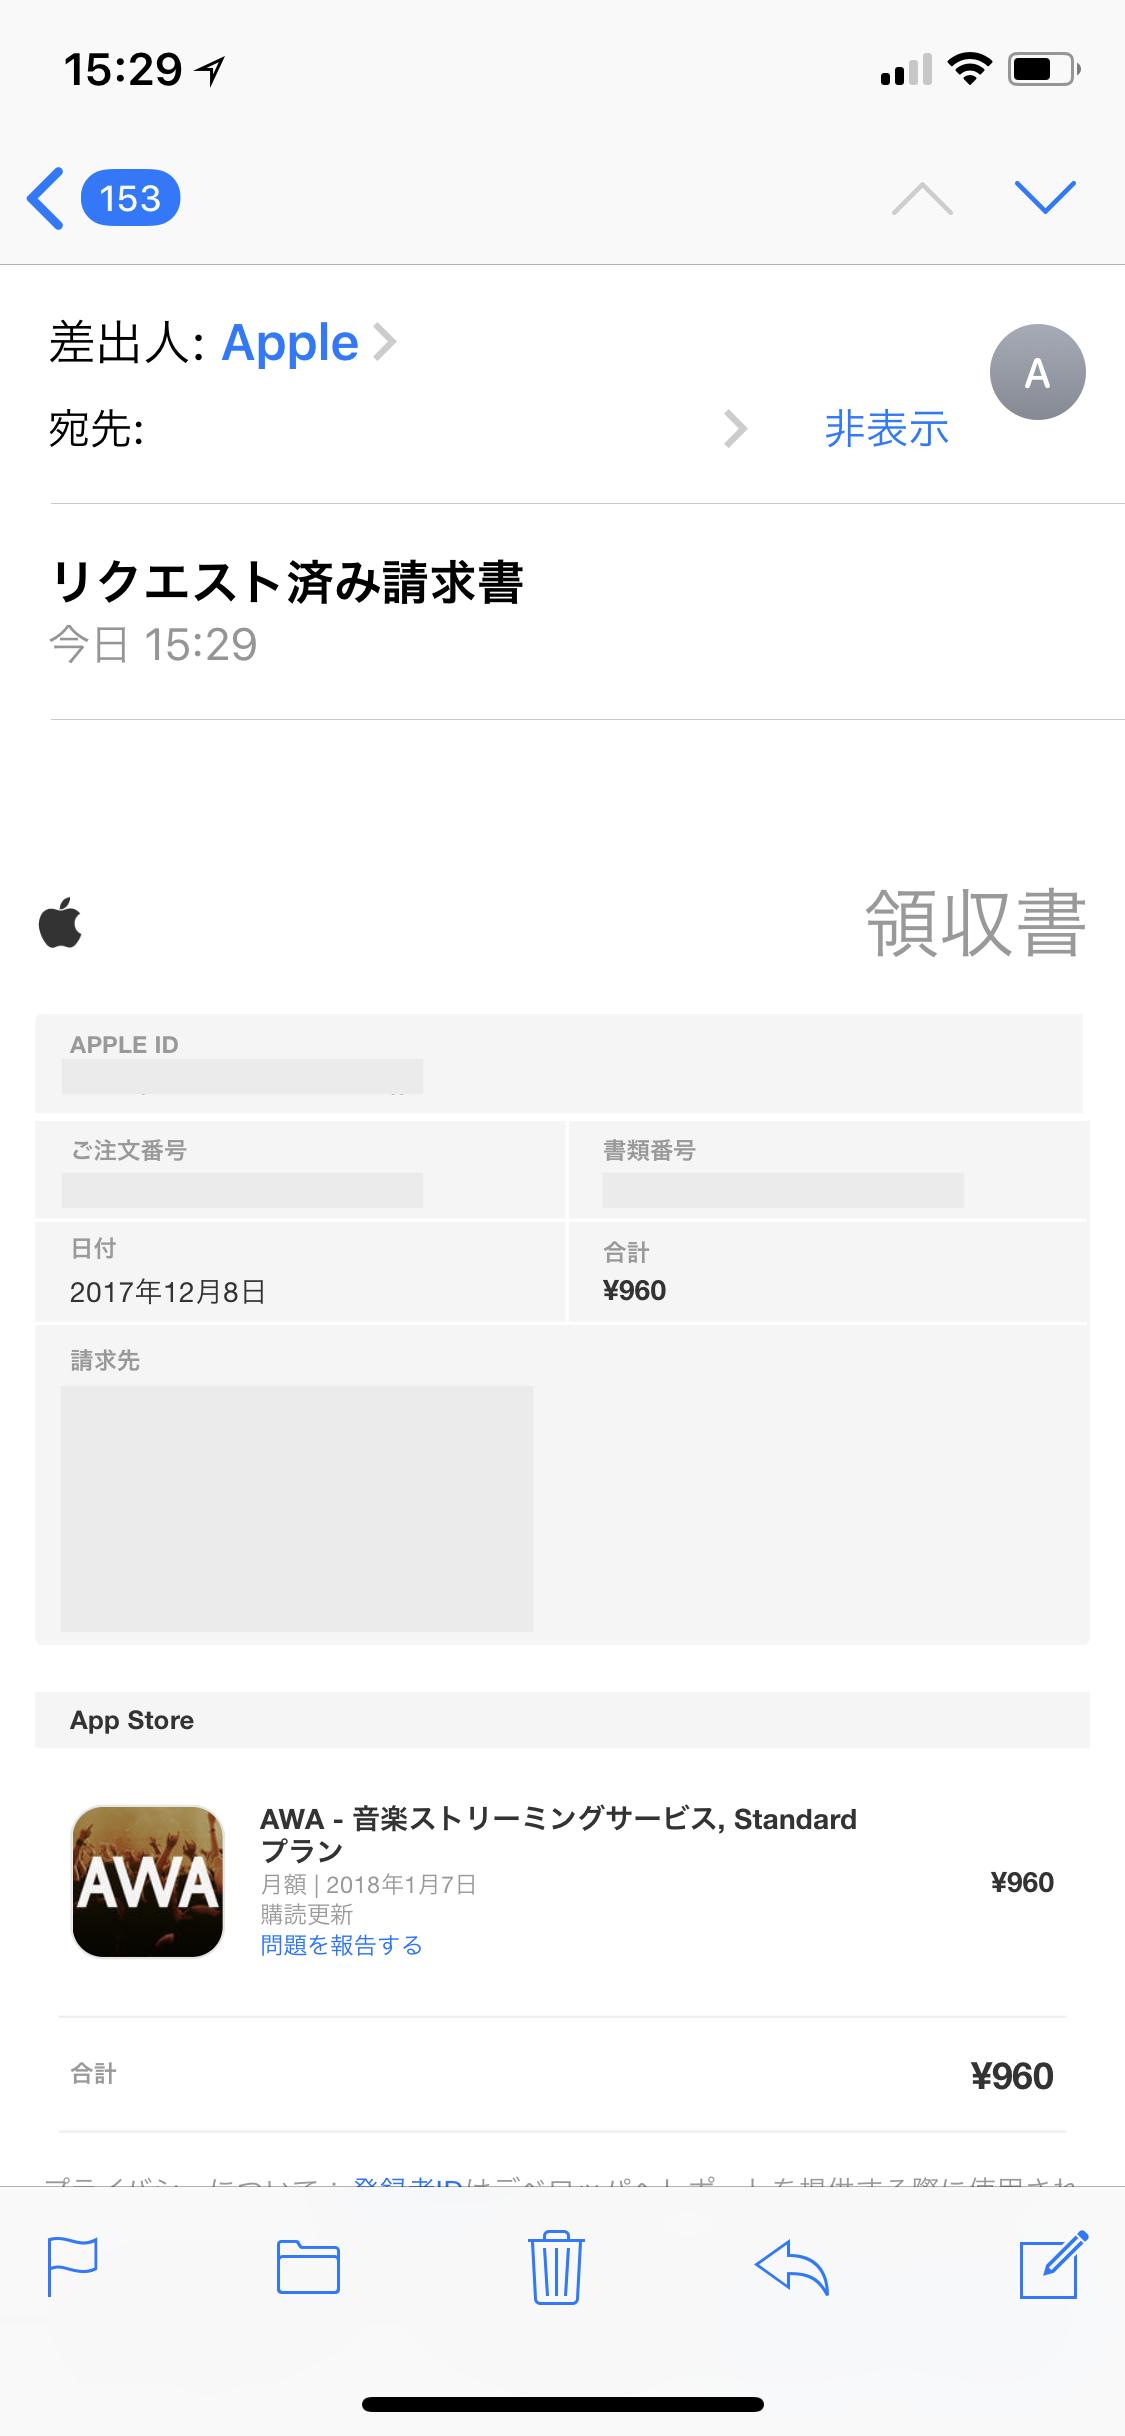 apple領収書